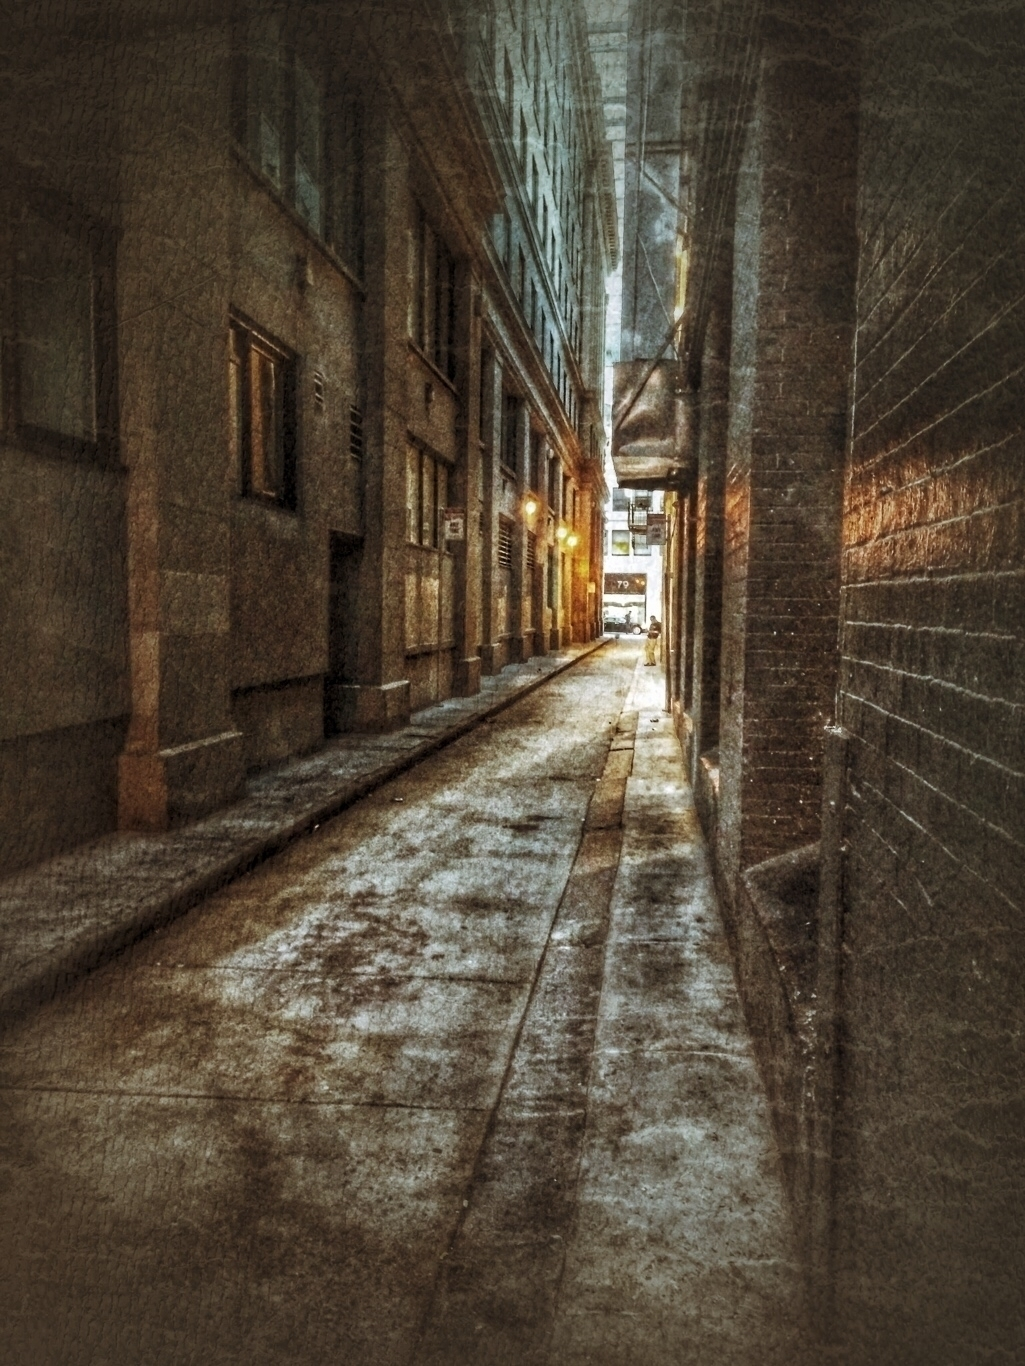 man phone. Urban Alleys series - voiceofsf | ello